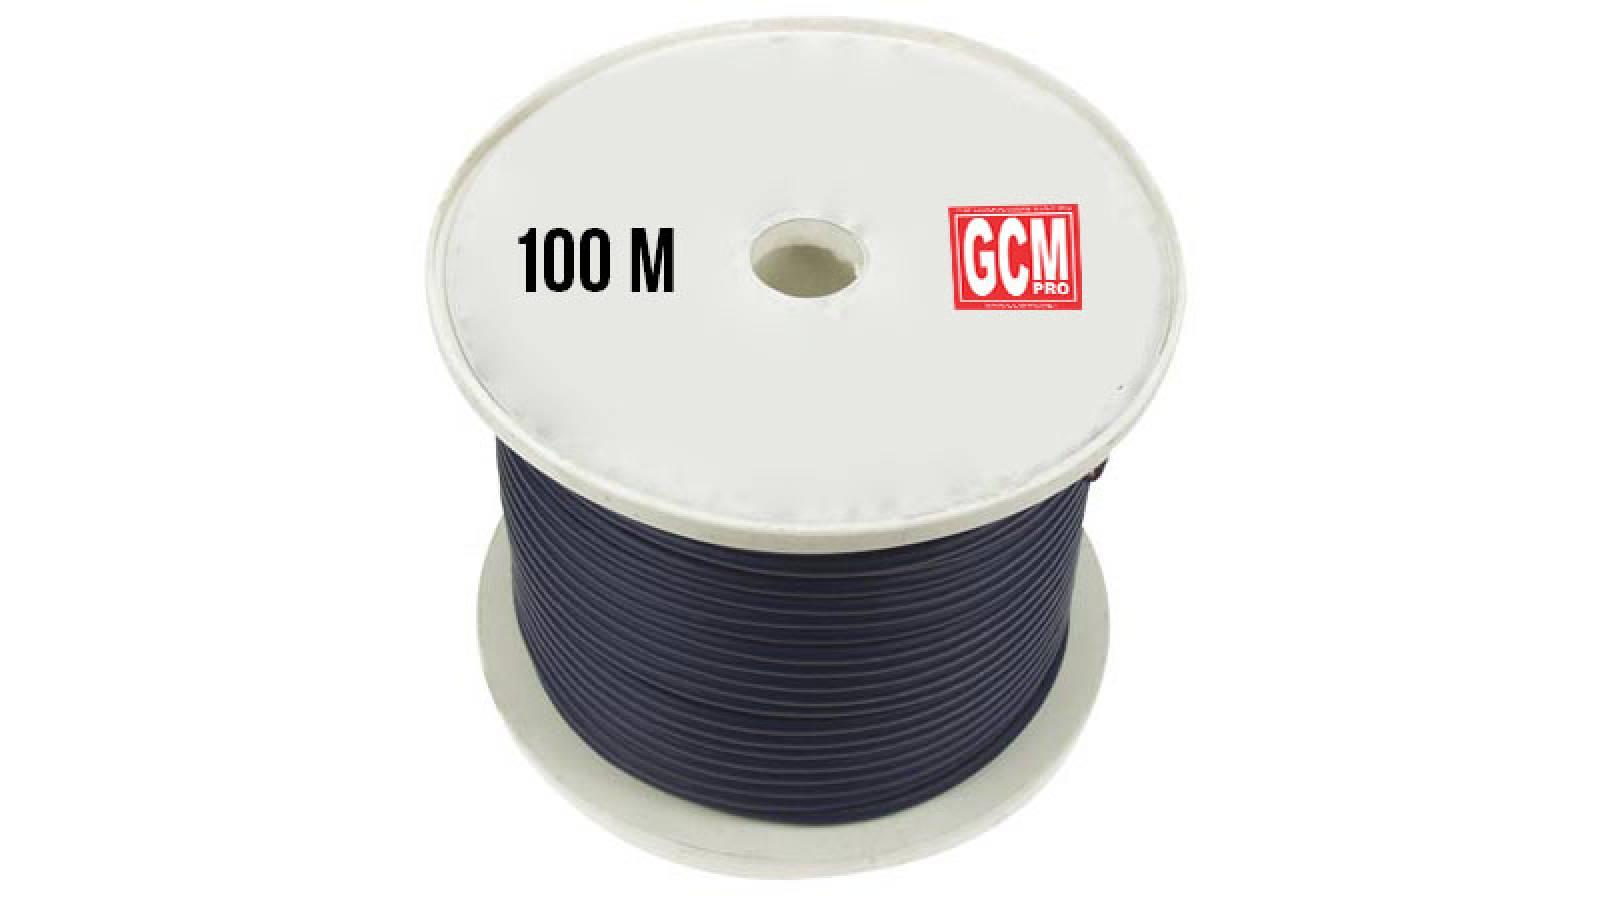 Bobina rollo de cable para Microfono 100 Metros Gcm Pro